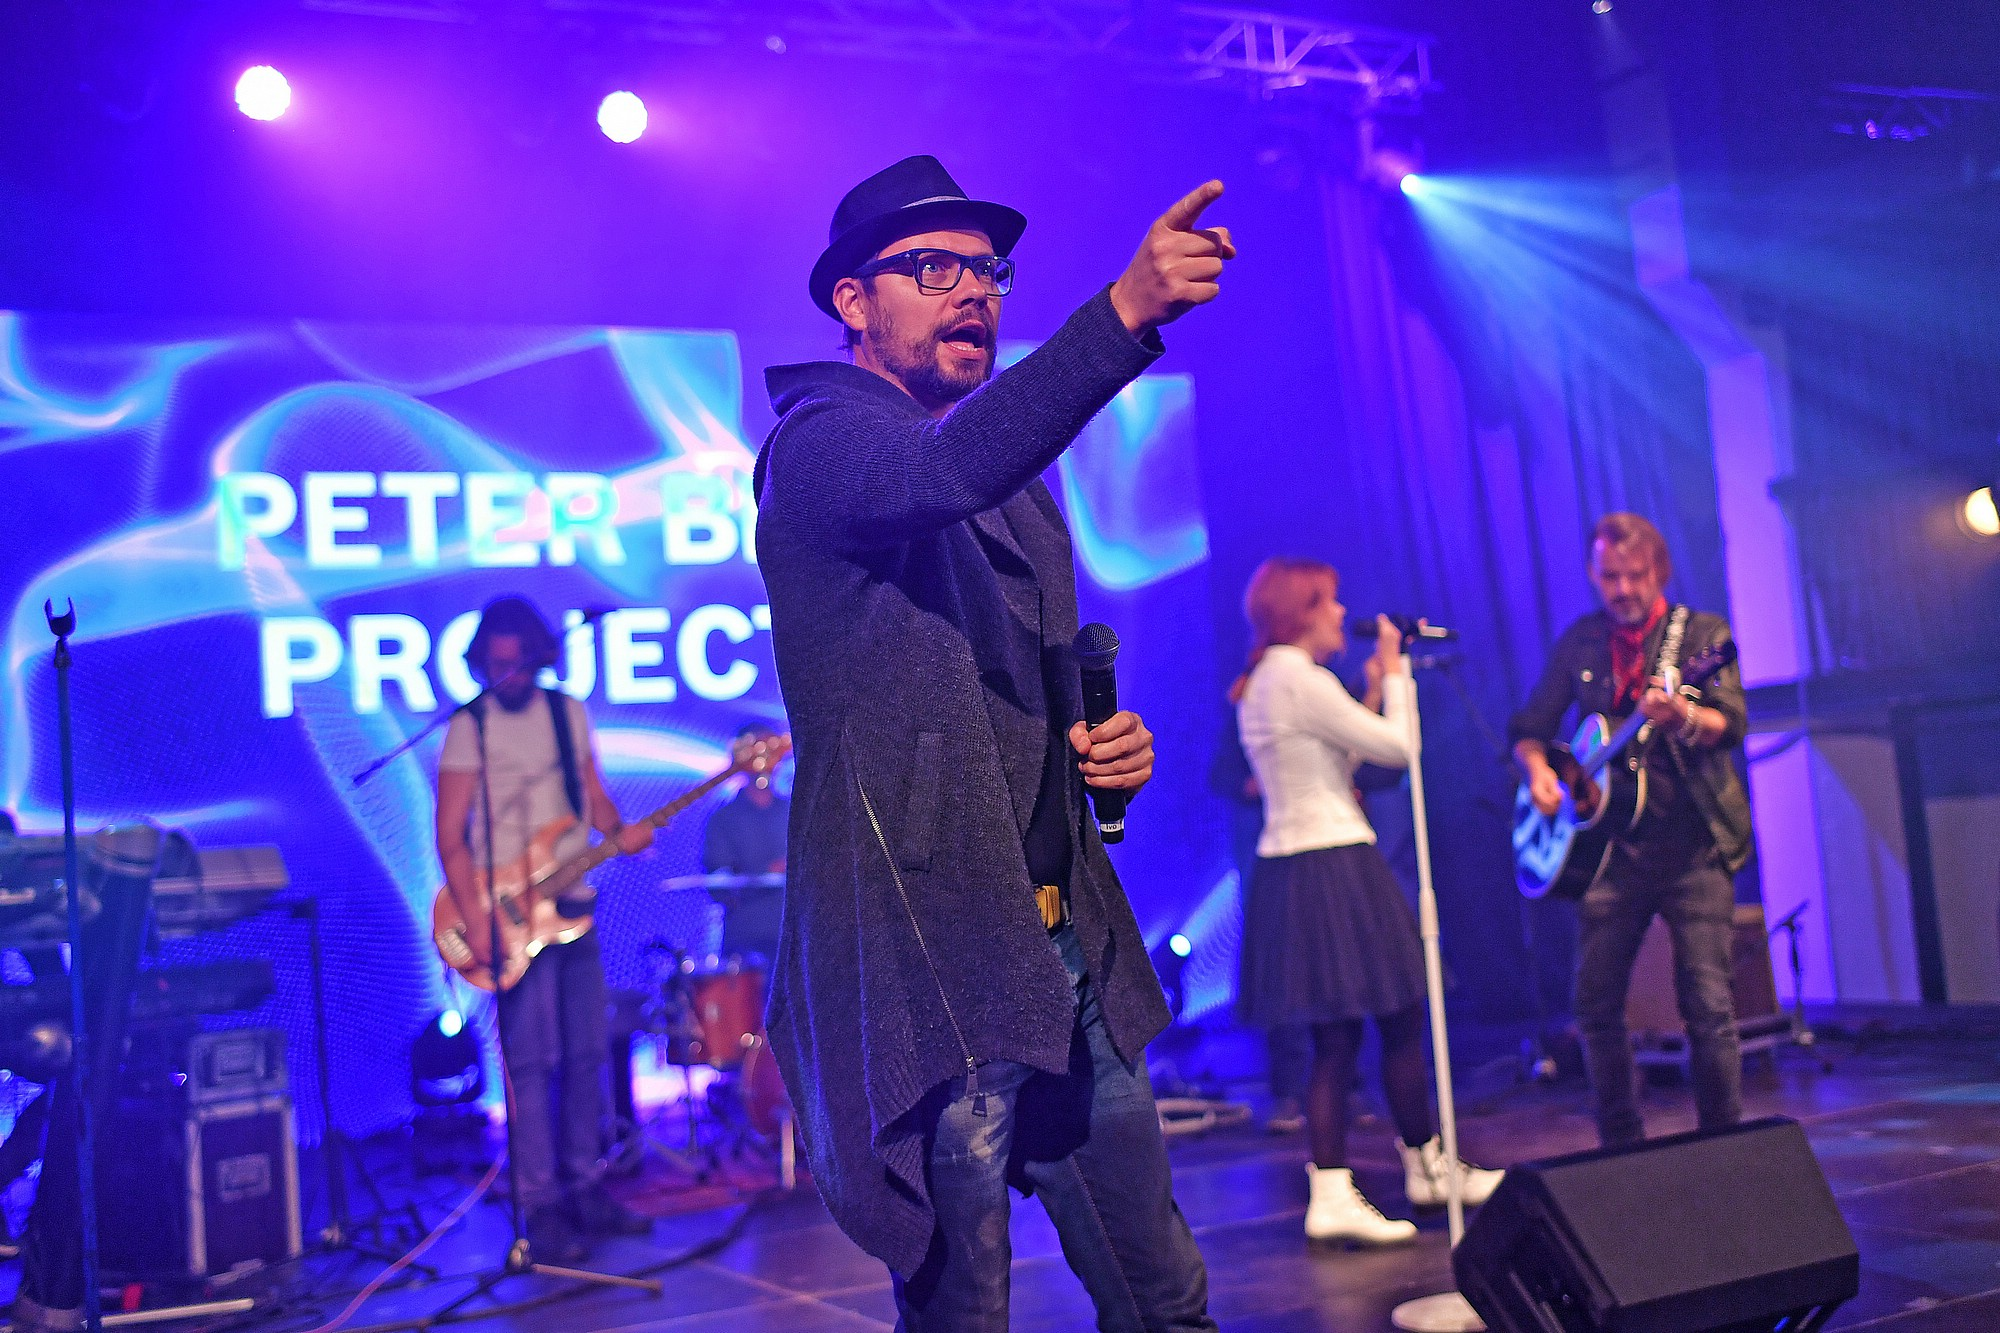 Peter Bič Project zahral svoje svetoznáme i slovenské hity